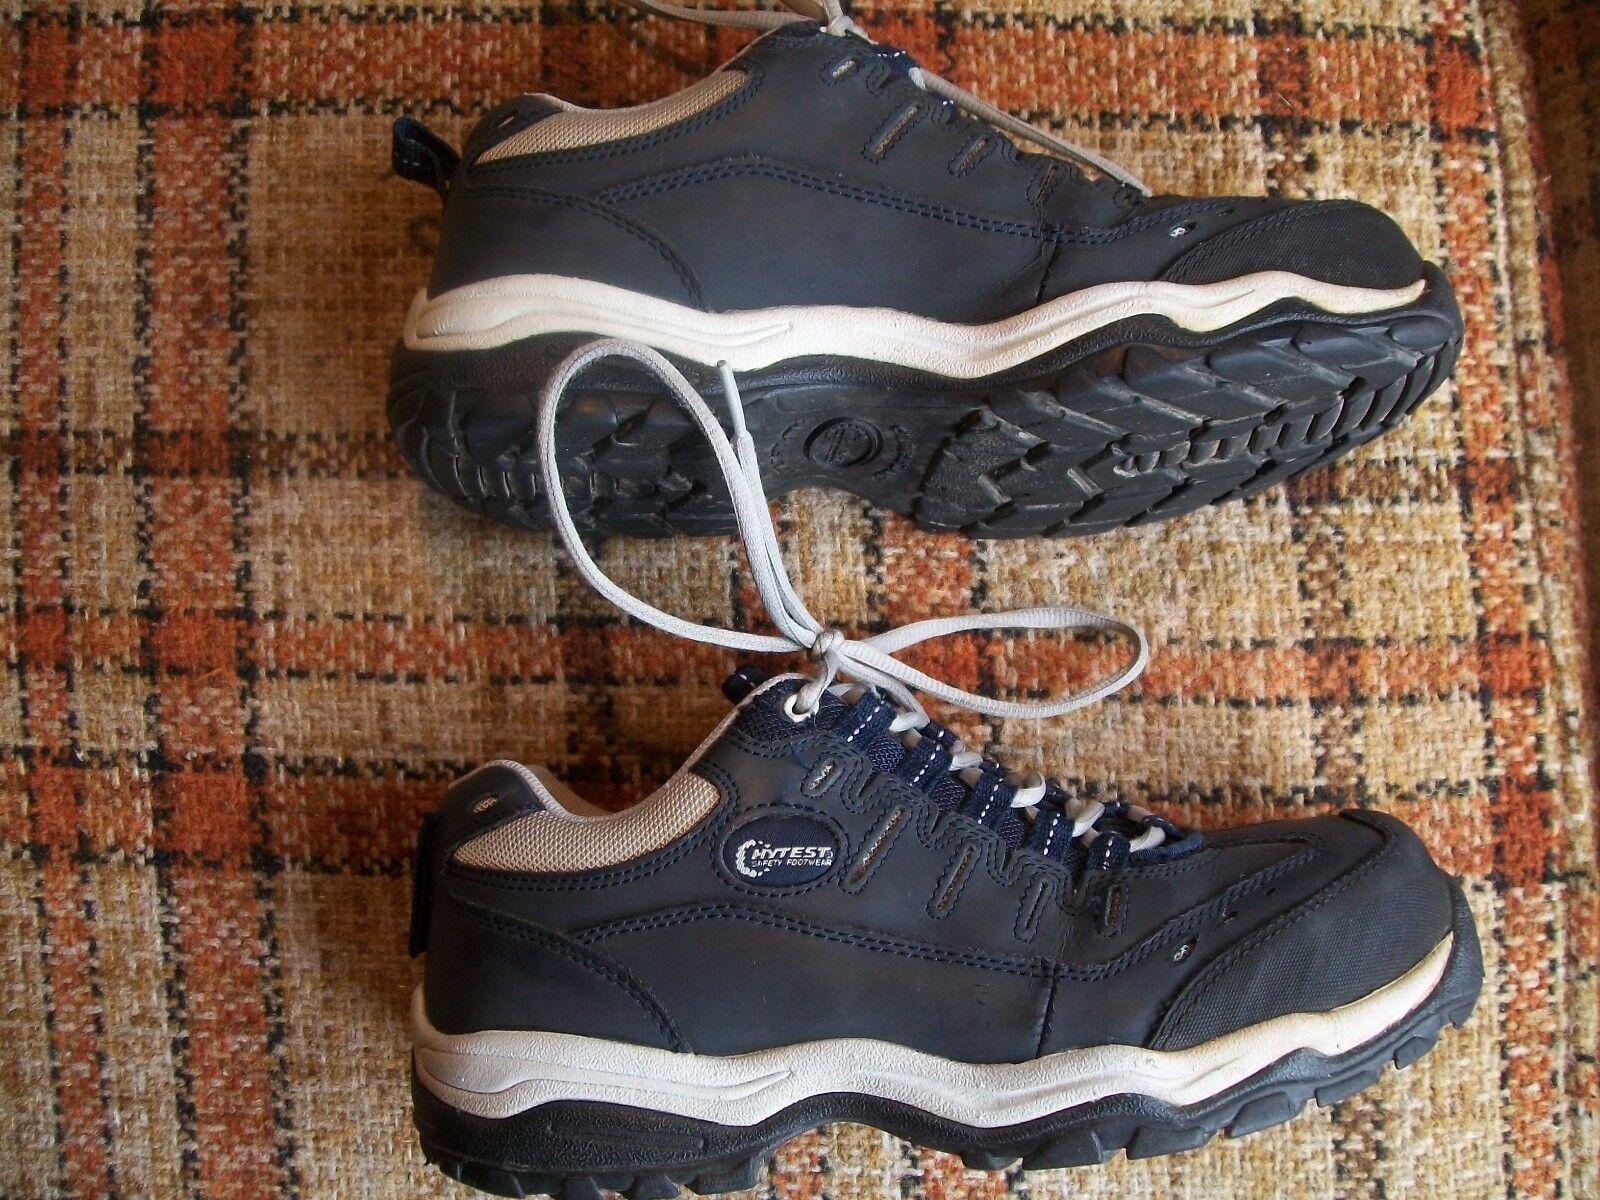 HyTest Mens SIZE 6 WIDE WIDTH Hard Toe Work Sneaker shoes SN 11162